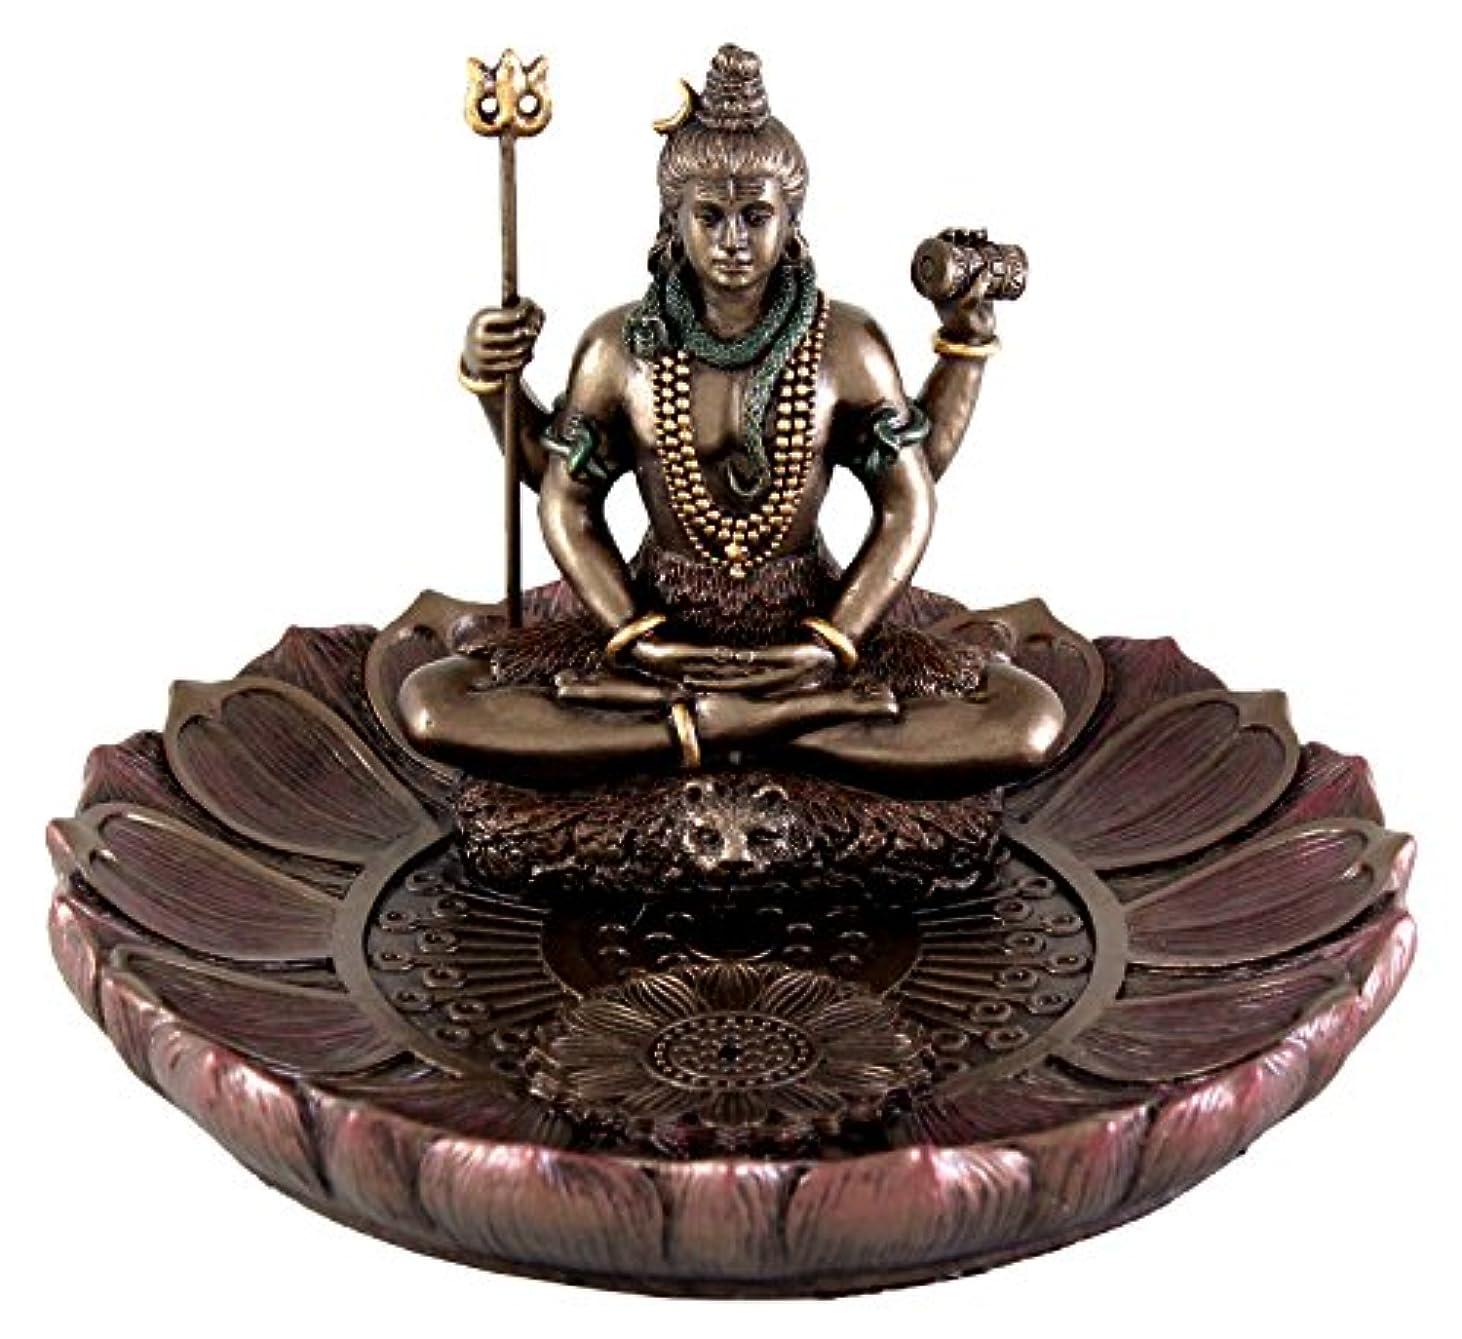 異邦人方法論貯水池Hindu God Shiva in Meditation Round Incense Holder Plate Incense Burner by Top Collection